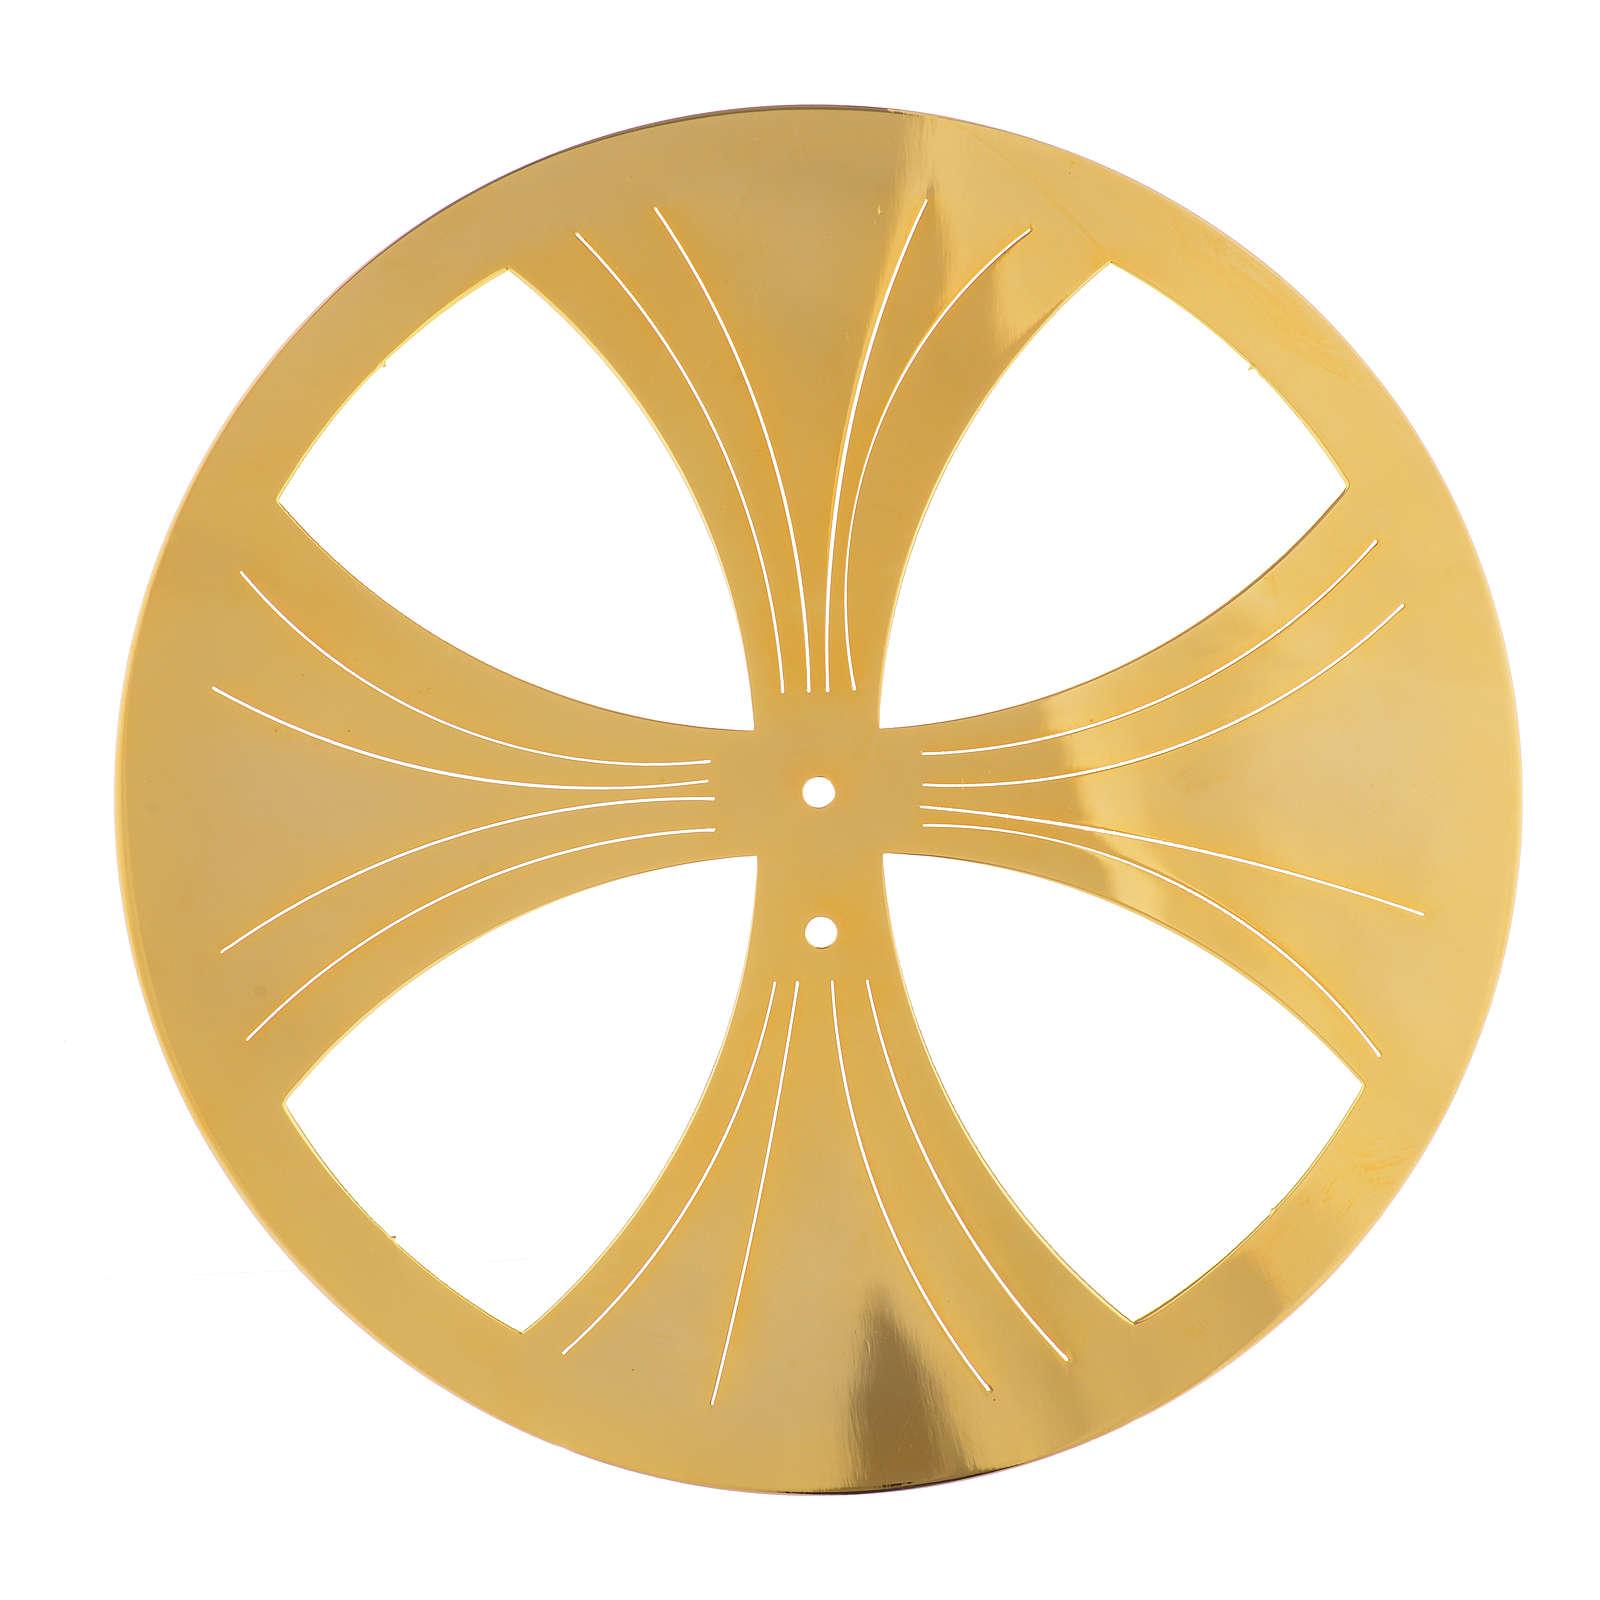 Raggiera ottone dorato 4 raggi 3